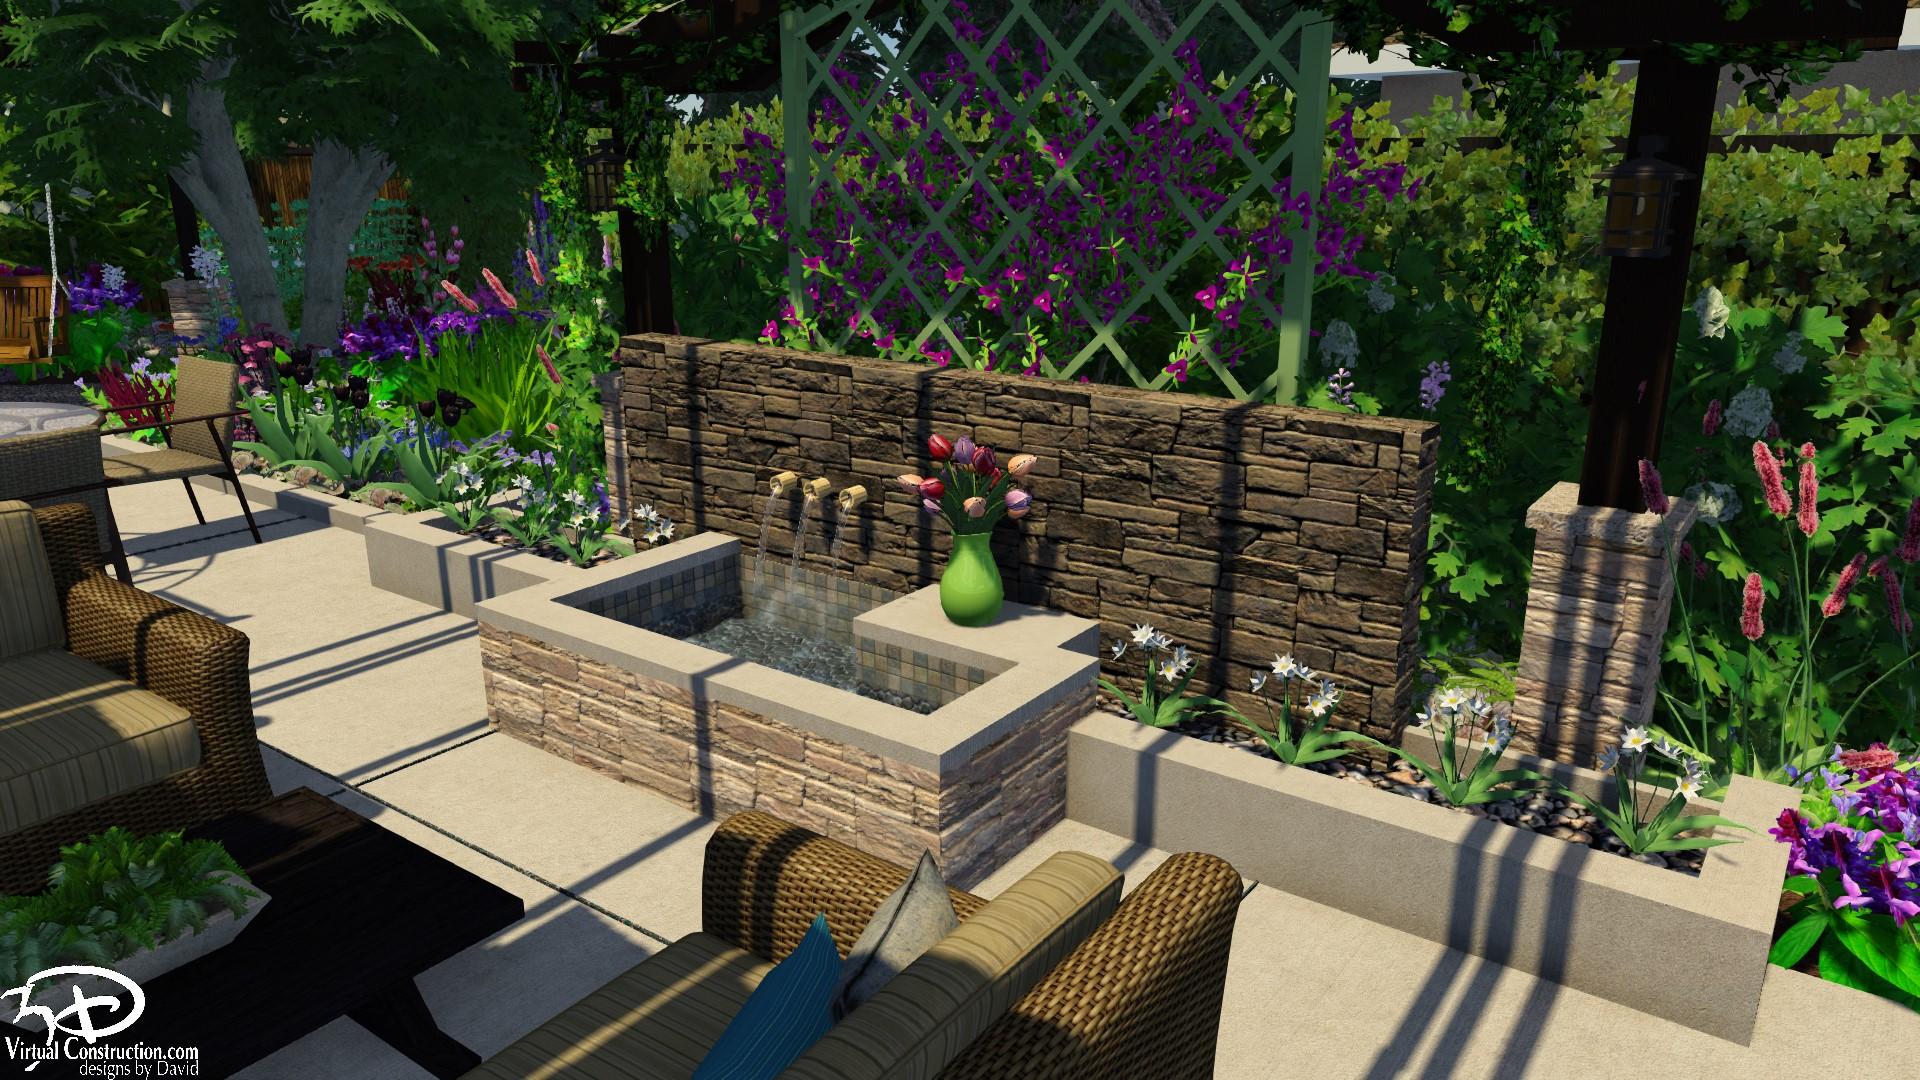 Aquascape Pools 3d Virtual Construction